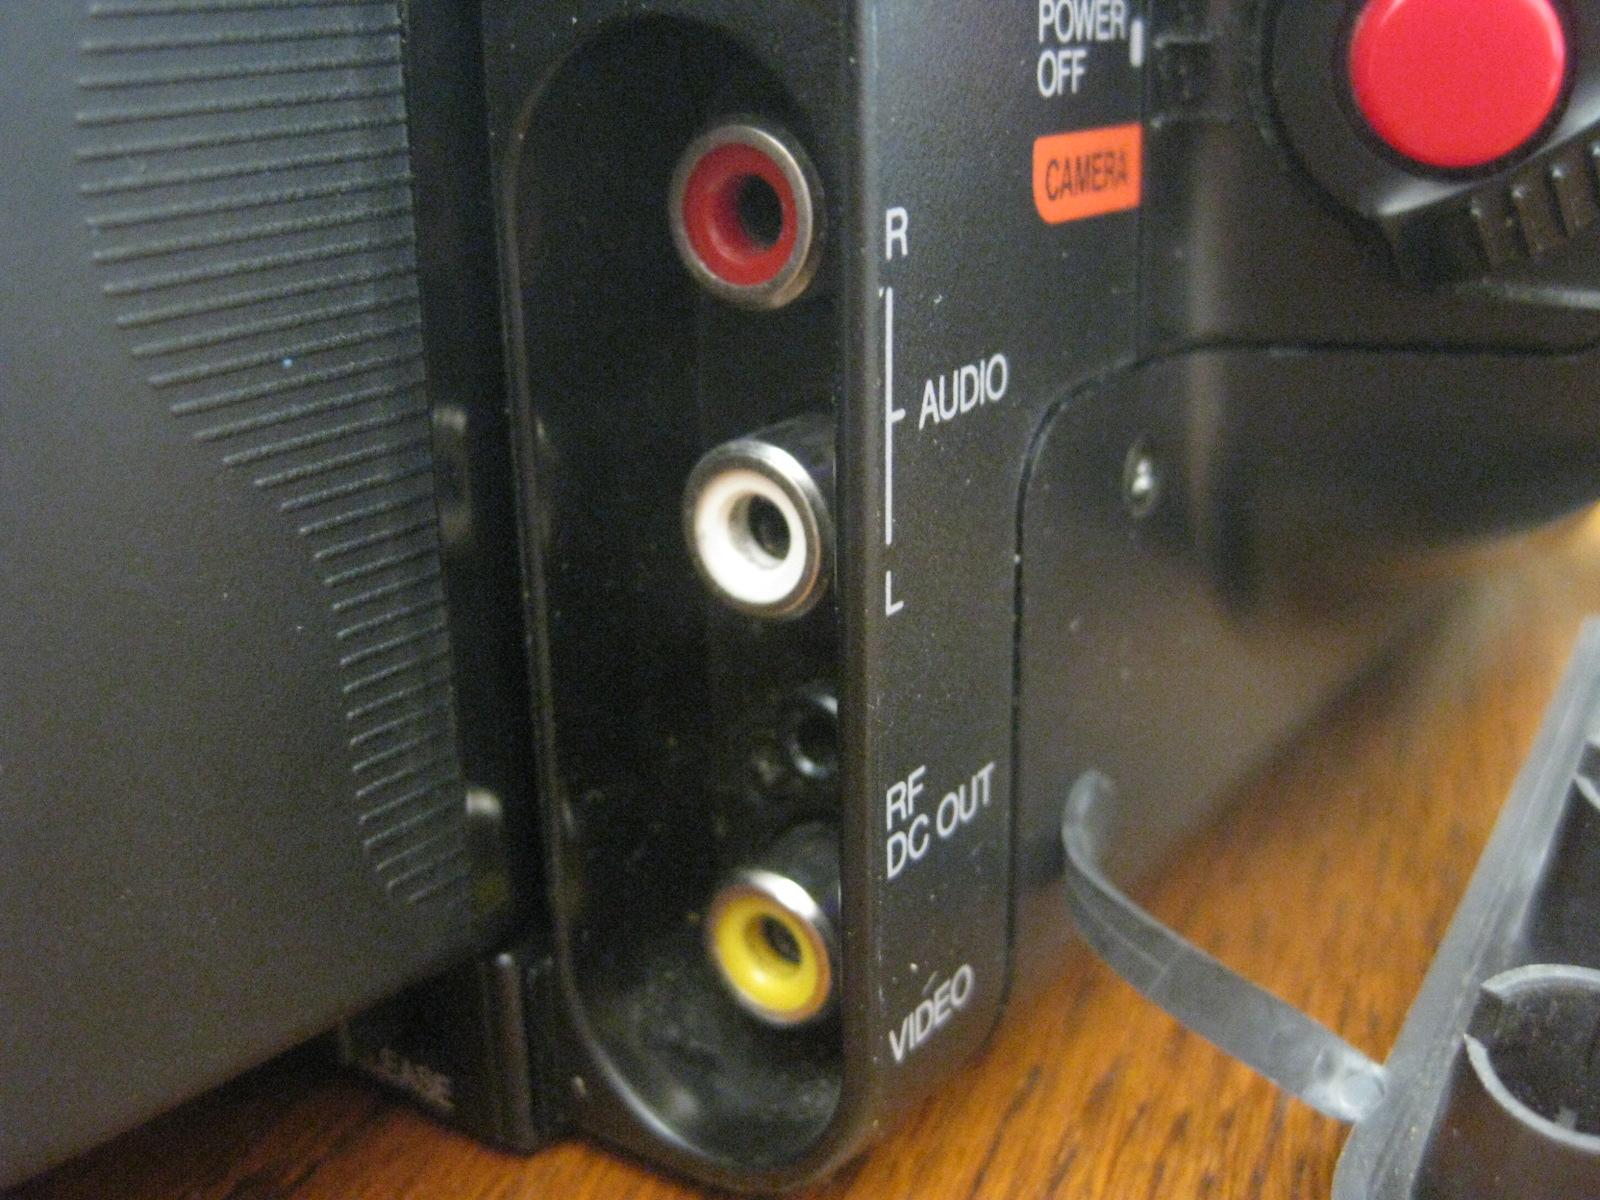 repair-vcr-camcorder-IMG_5671